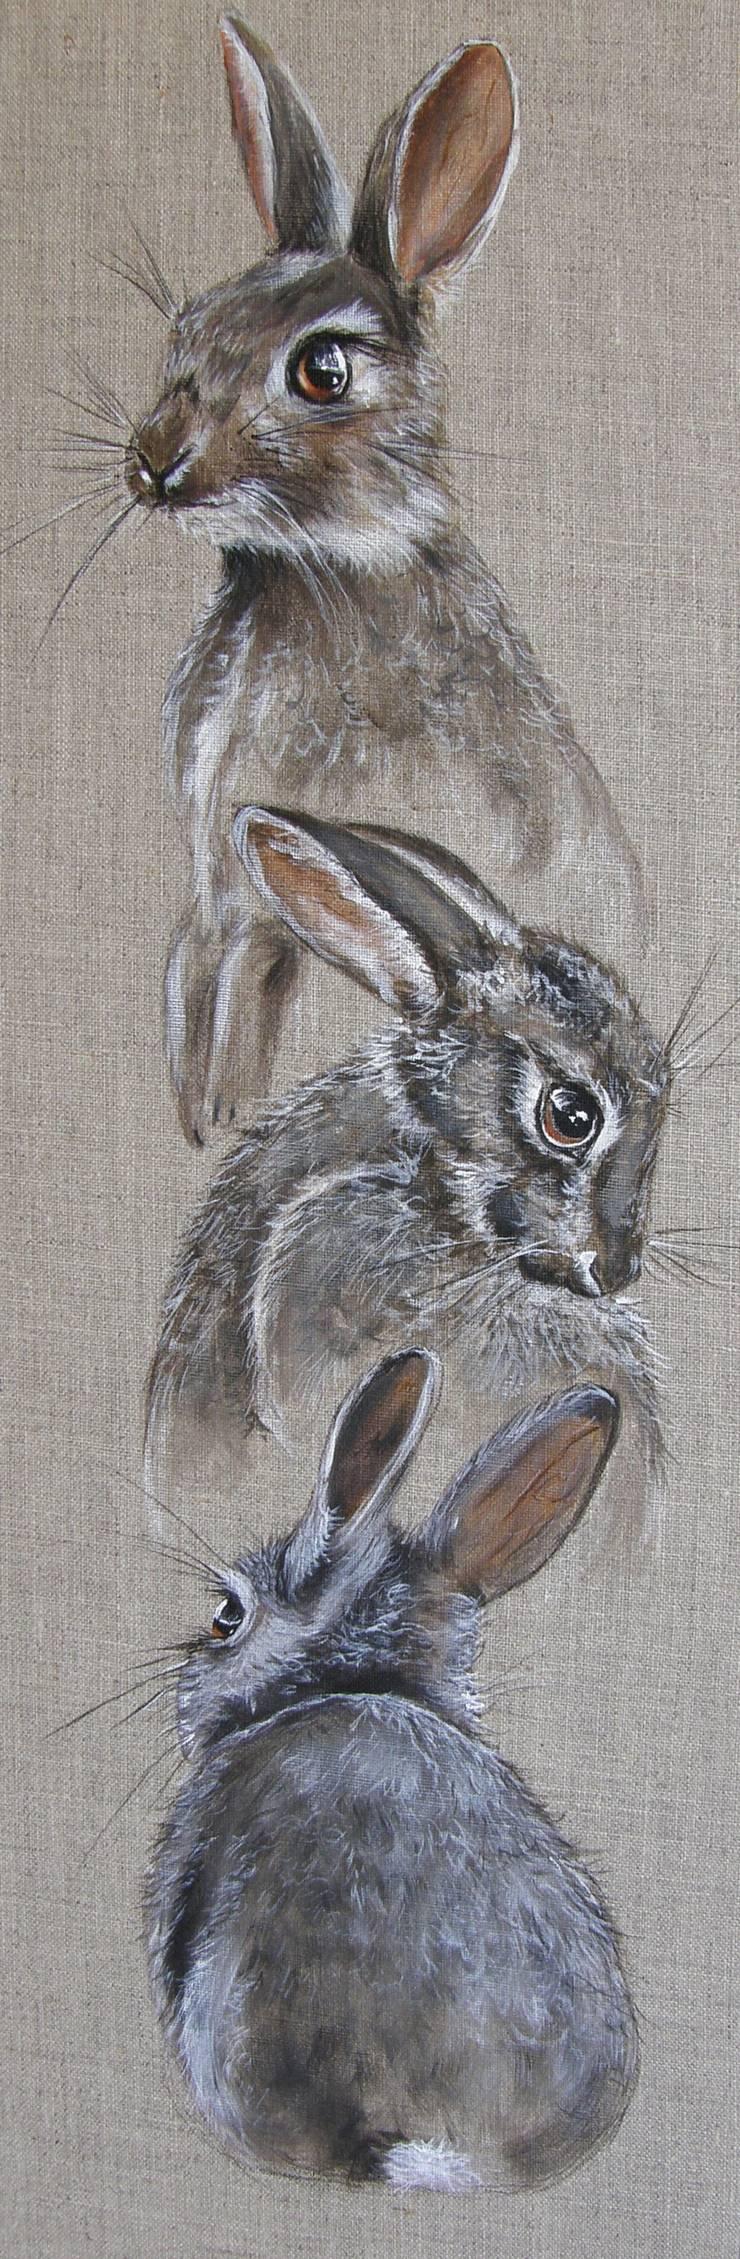 Lapin attitudes par Odile Laresche Artiste Peintre Animalier Éclectique